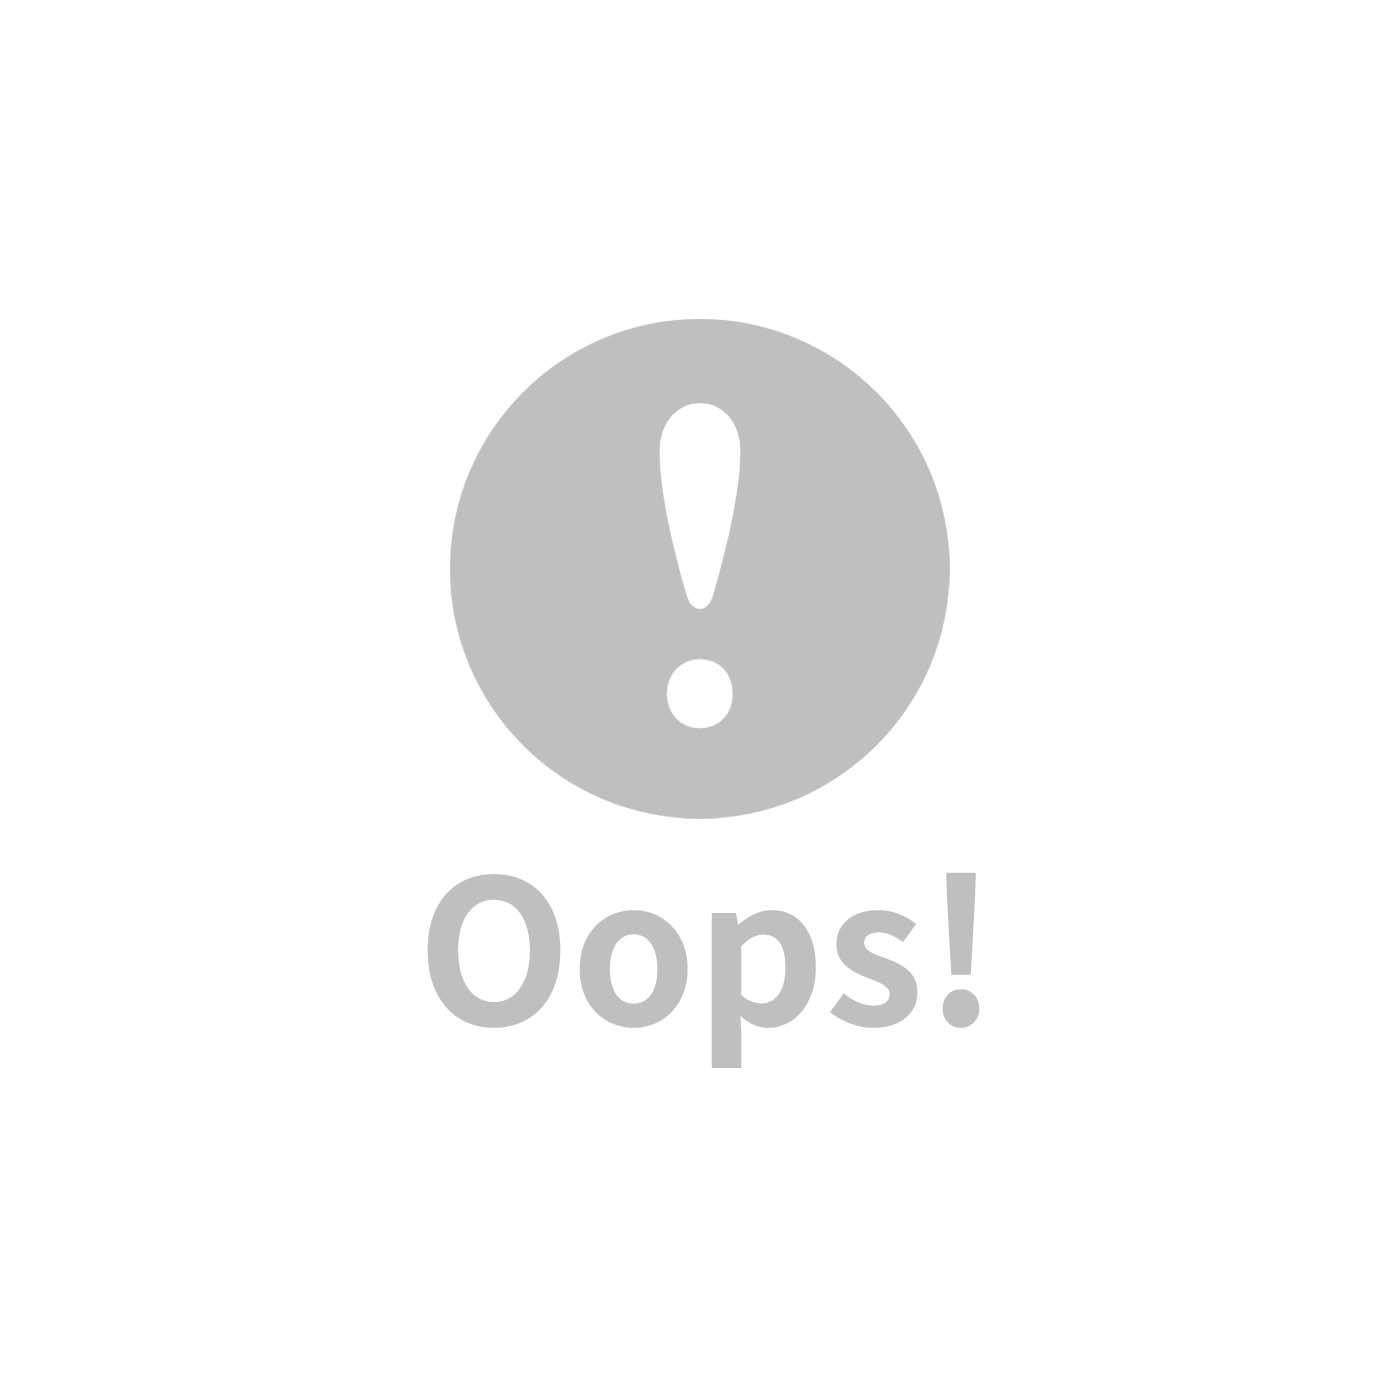 【彌月禮盒】La Millou 天使枕+豆豆小豬枕(多款可選)-附禮盒包裝+送禮提袋